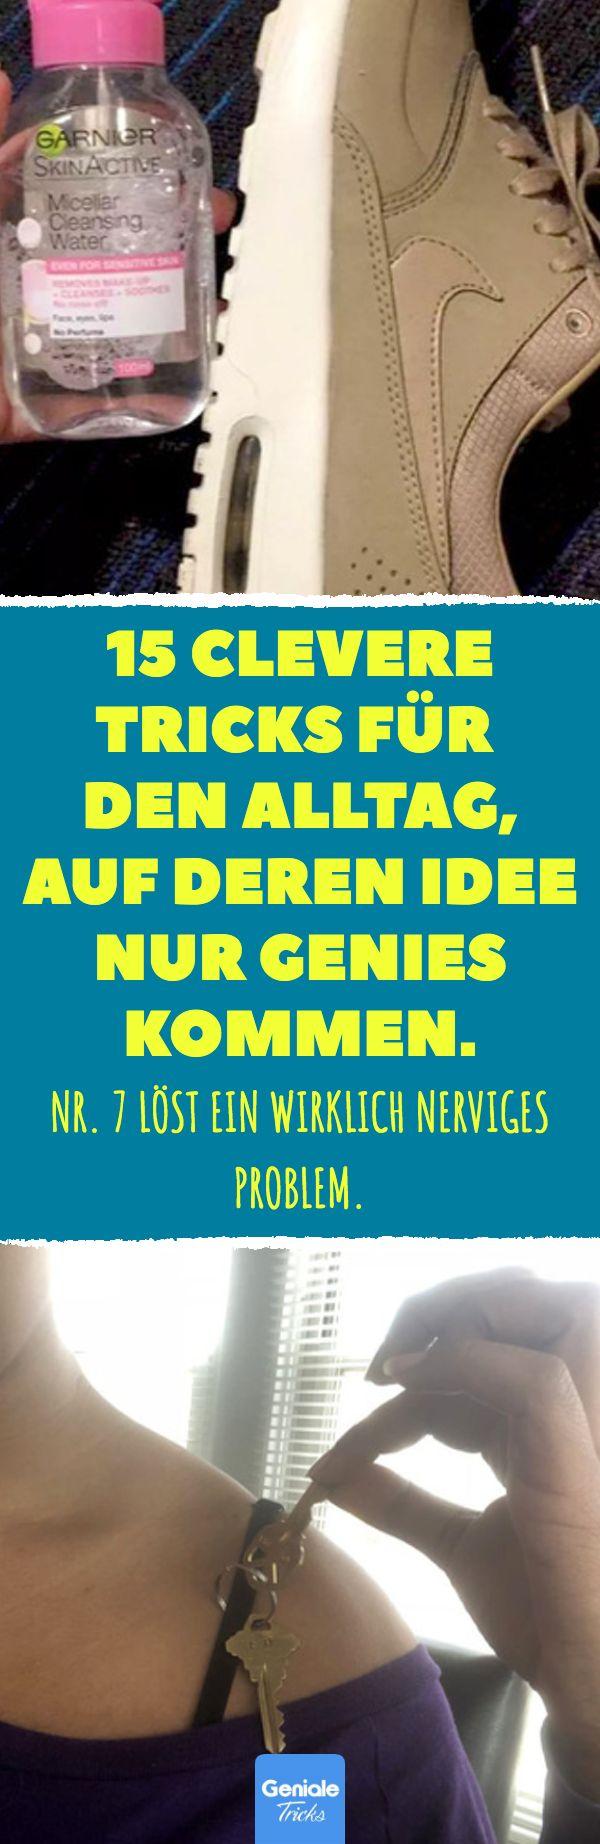 15 clevere Tricks für den Alltag, auf deren Idee nur Genies kommen. Nr. 7 löst…